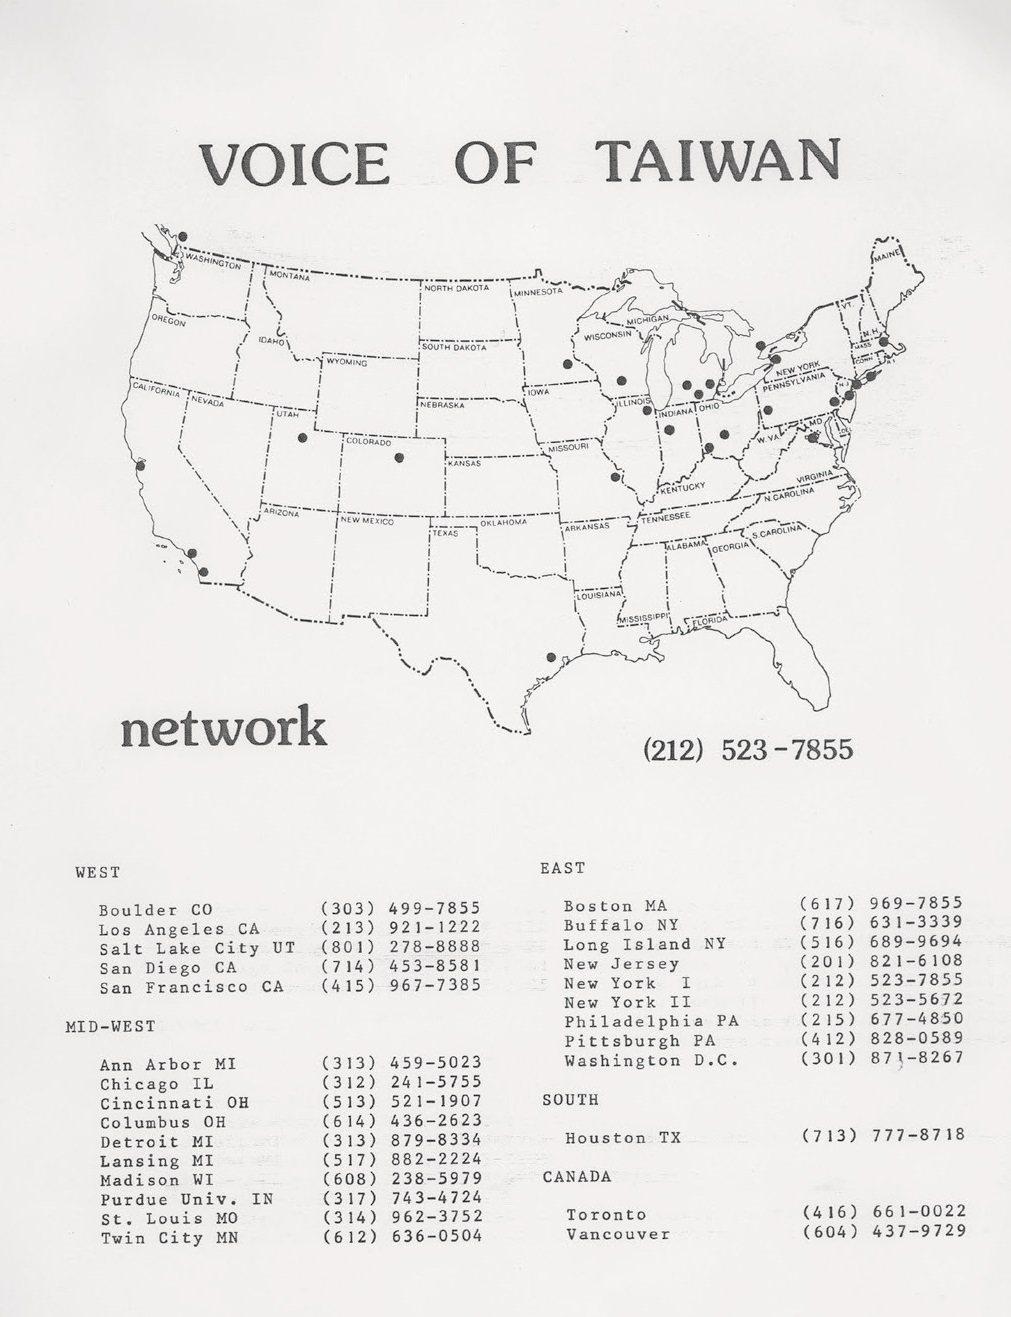 「台灣之音」北美分臺與電話號碼(吳三連台灣史料基金會提供)